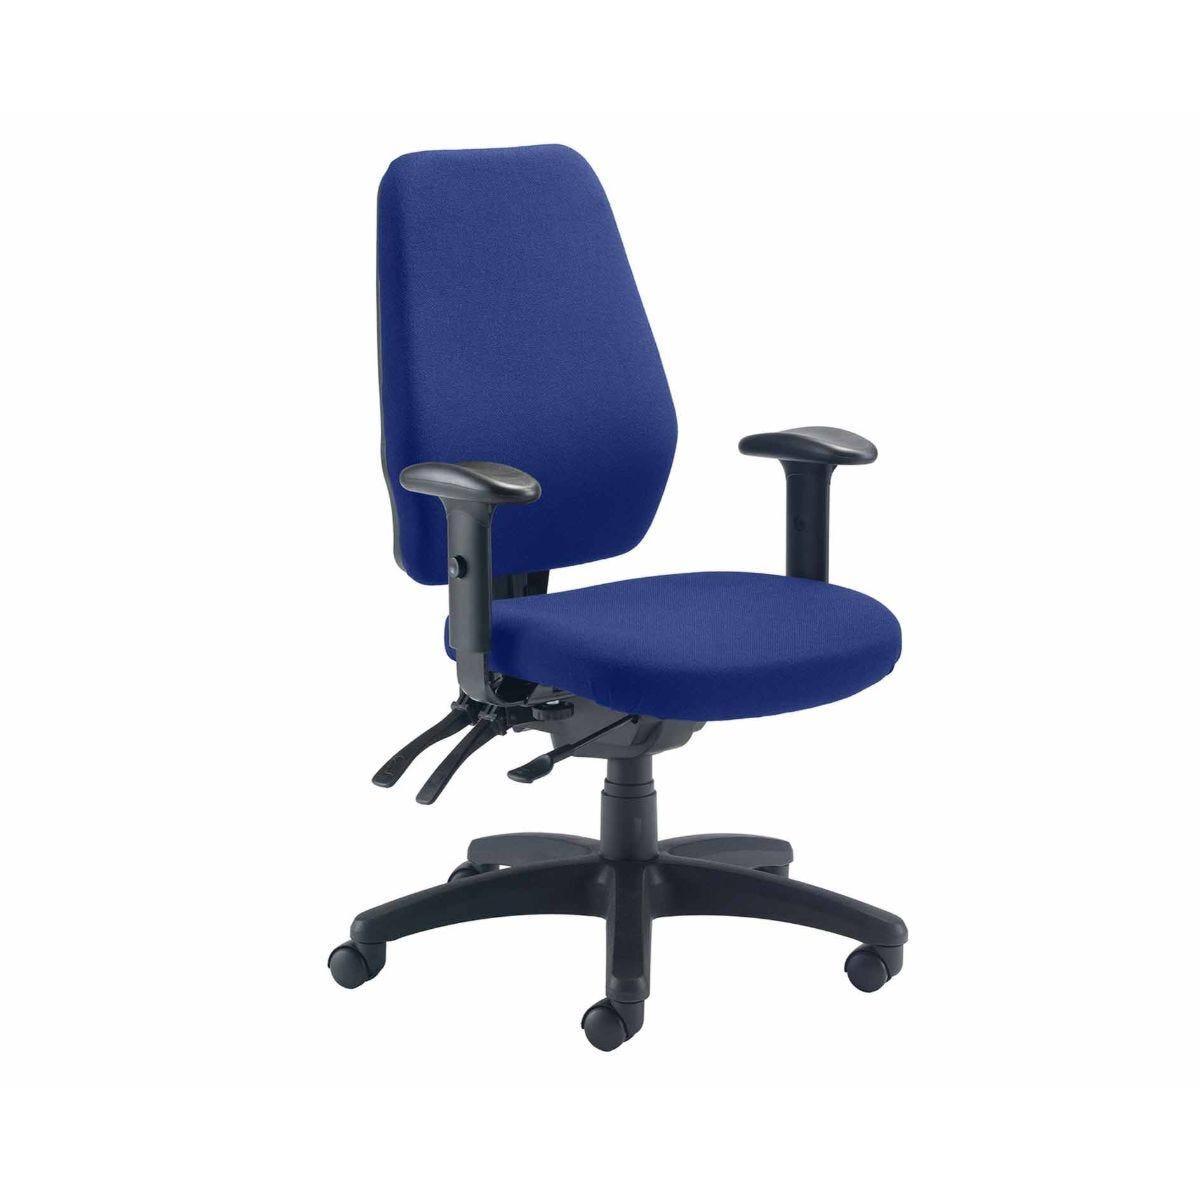 TC Office 24 Hour Heavy Duty Call Centre Chair Royal Blue